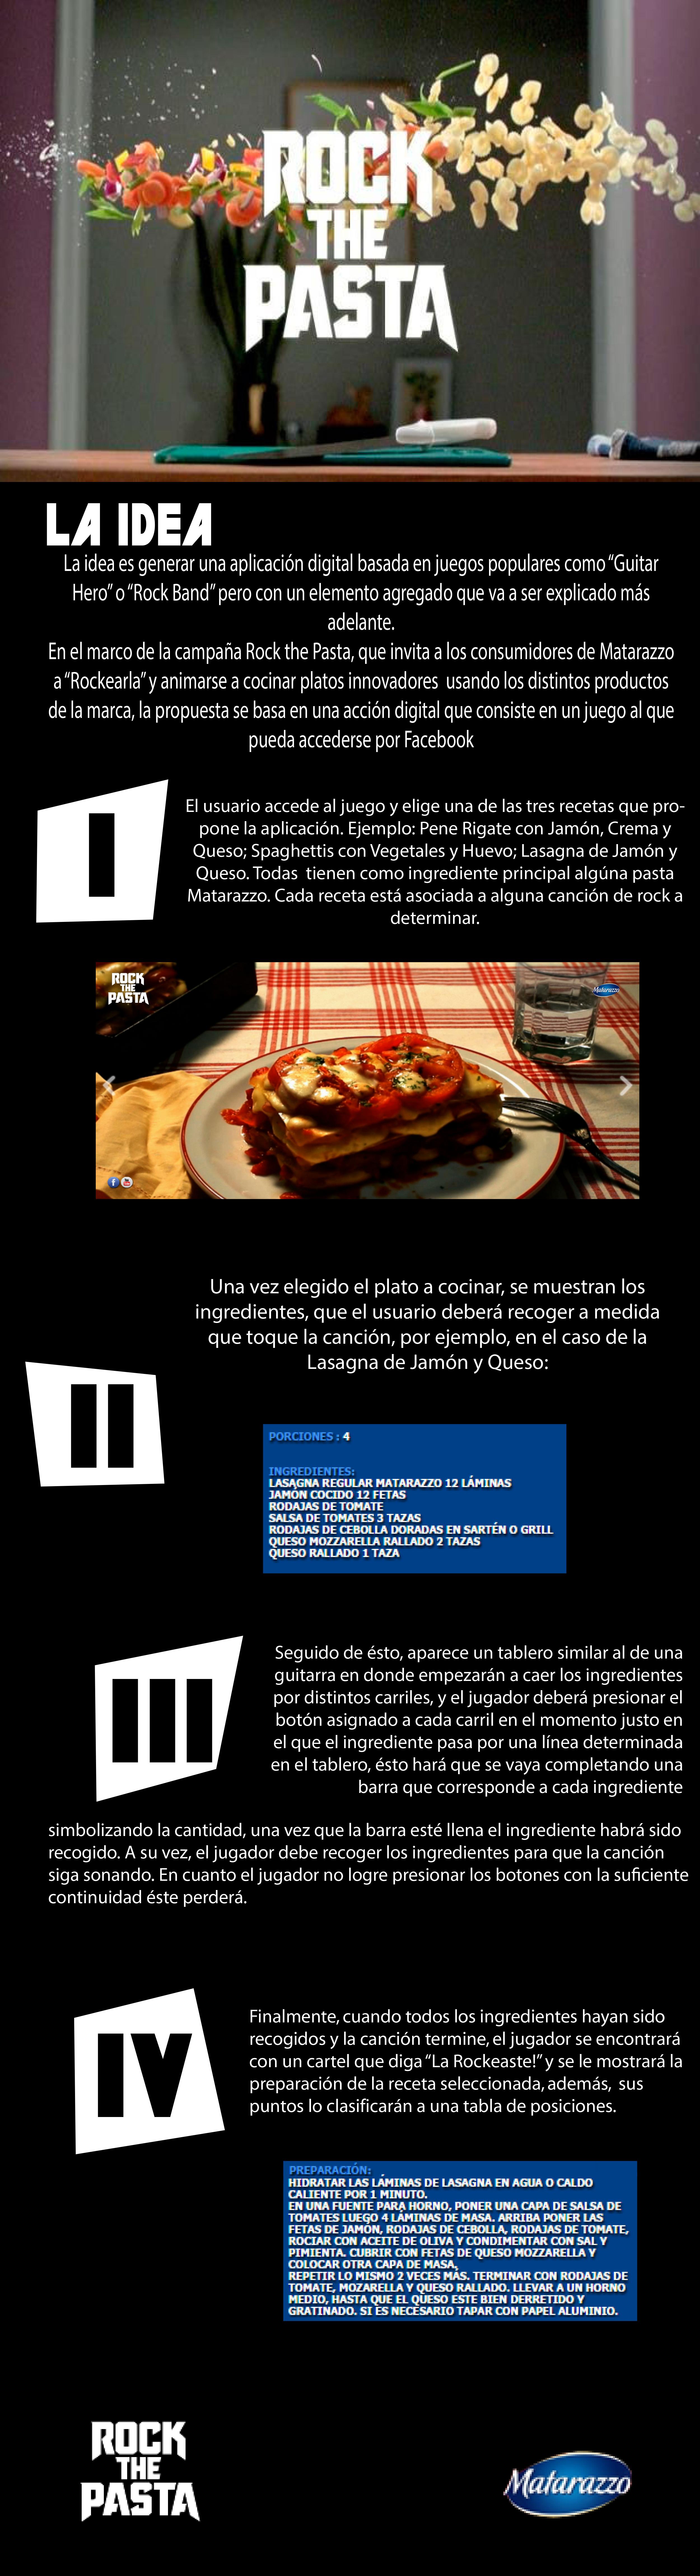 Dorable Receta Marco Elemento Embellecimiento - Ideas Personalizadas ...